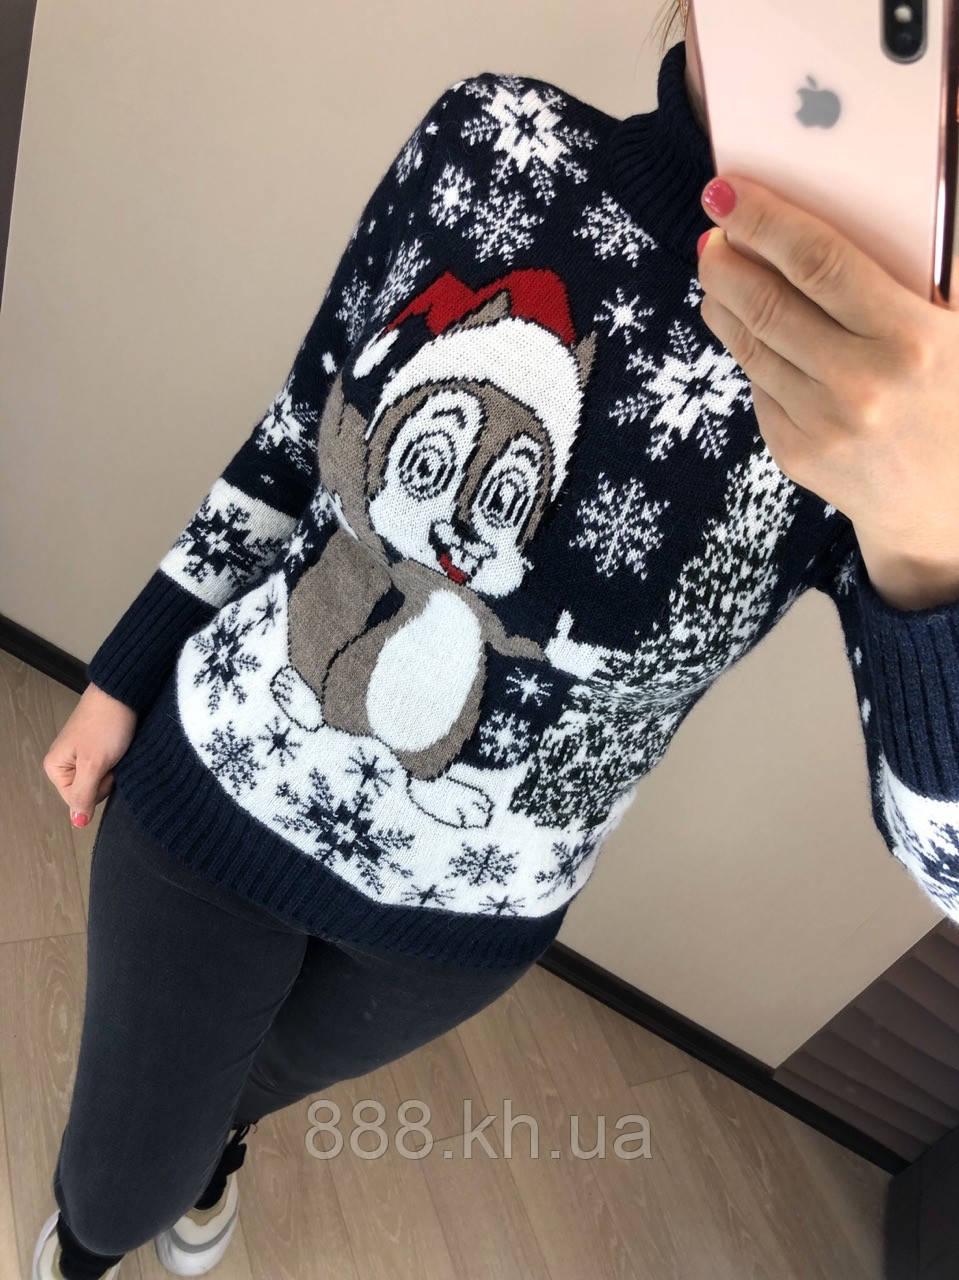 Шерстяной праздничный женский свитер с белочкой (вязка)